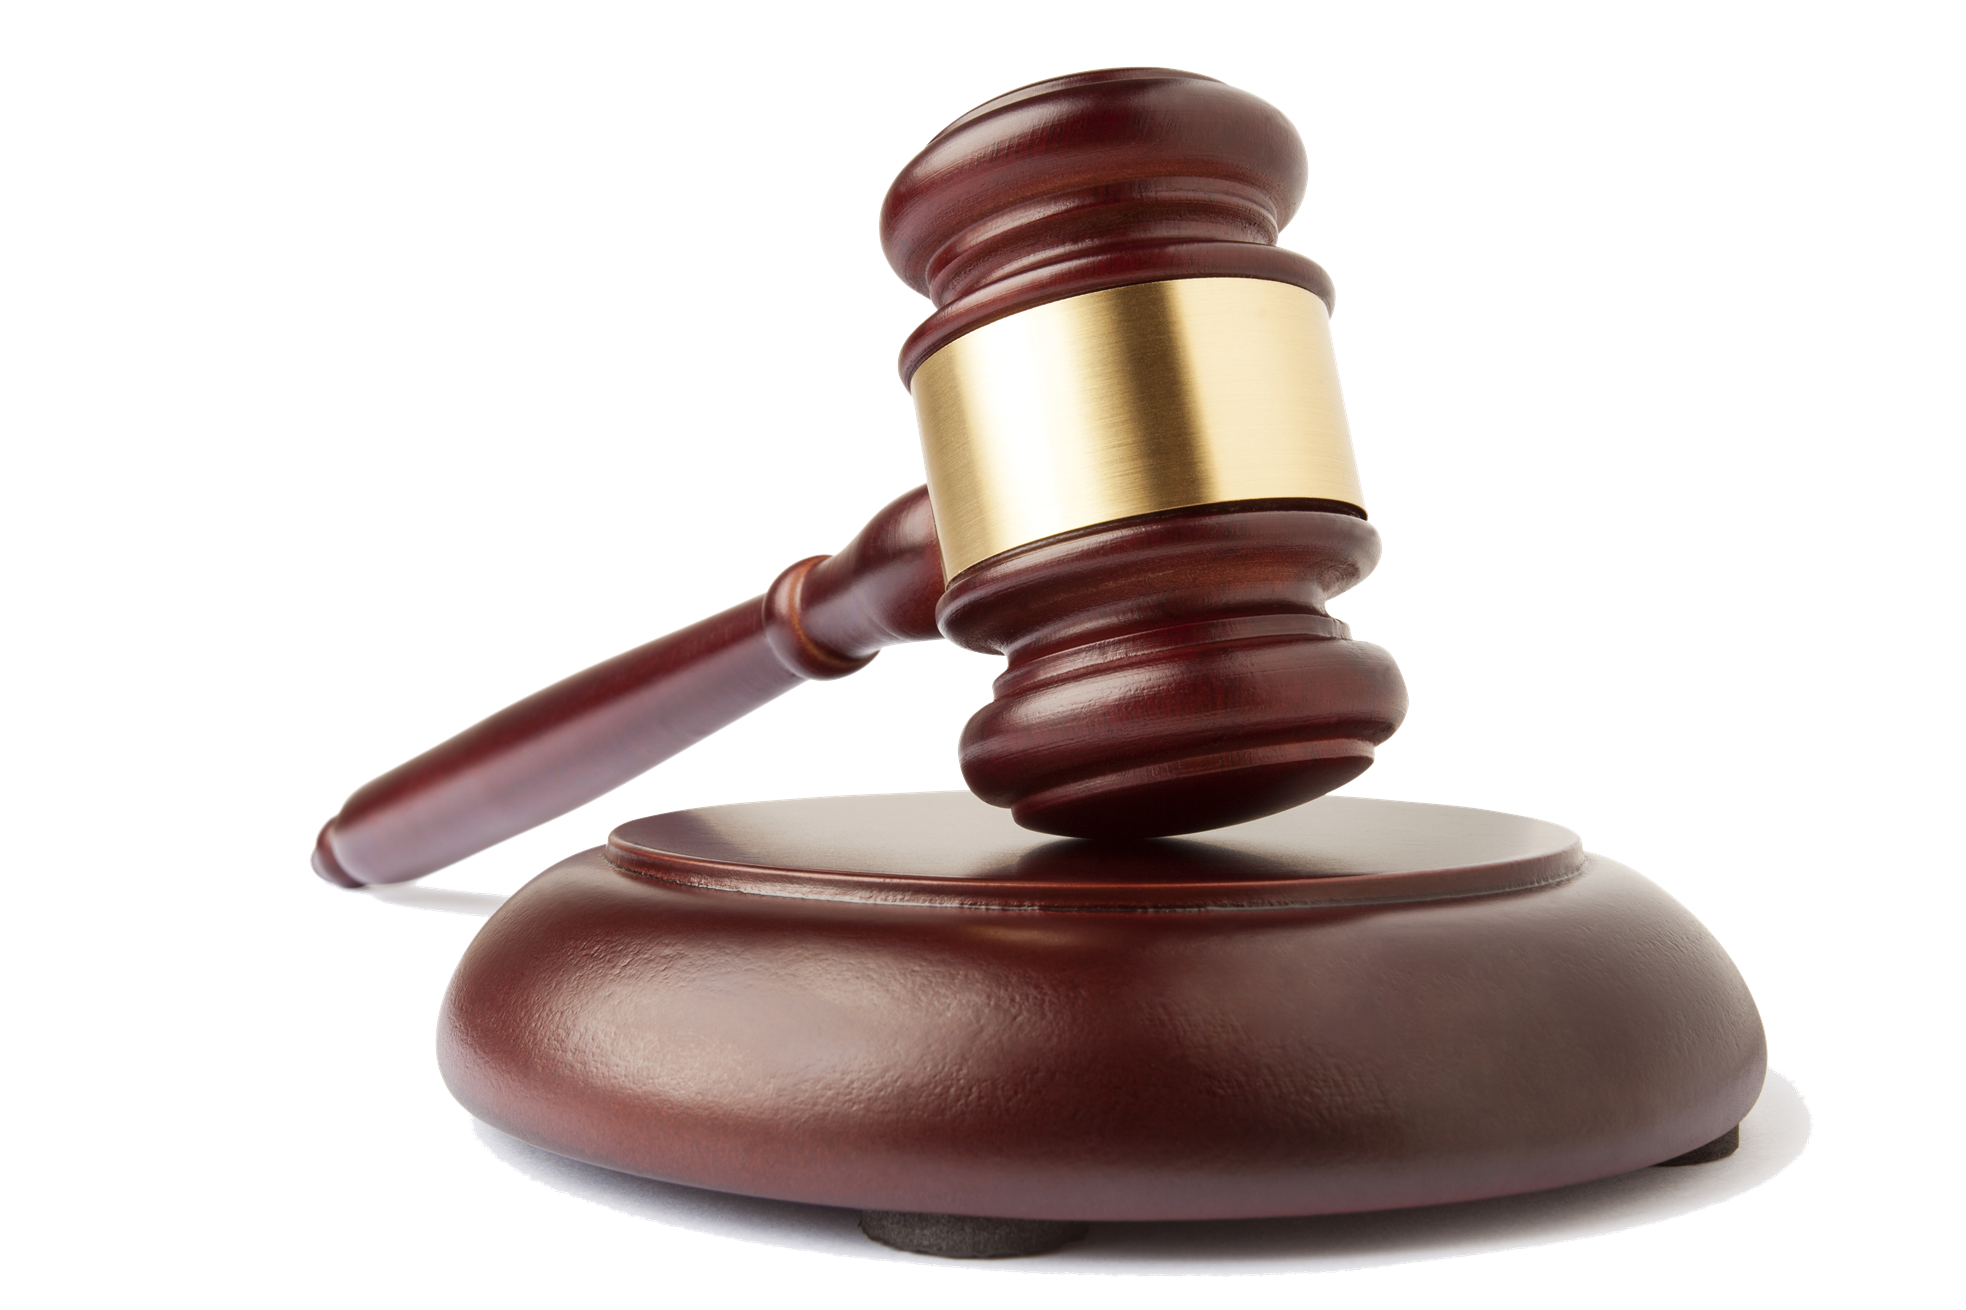 Gavel court hammer png. Judge clipart transparent background judge